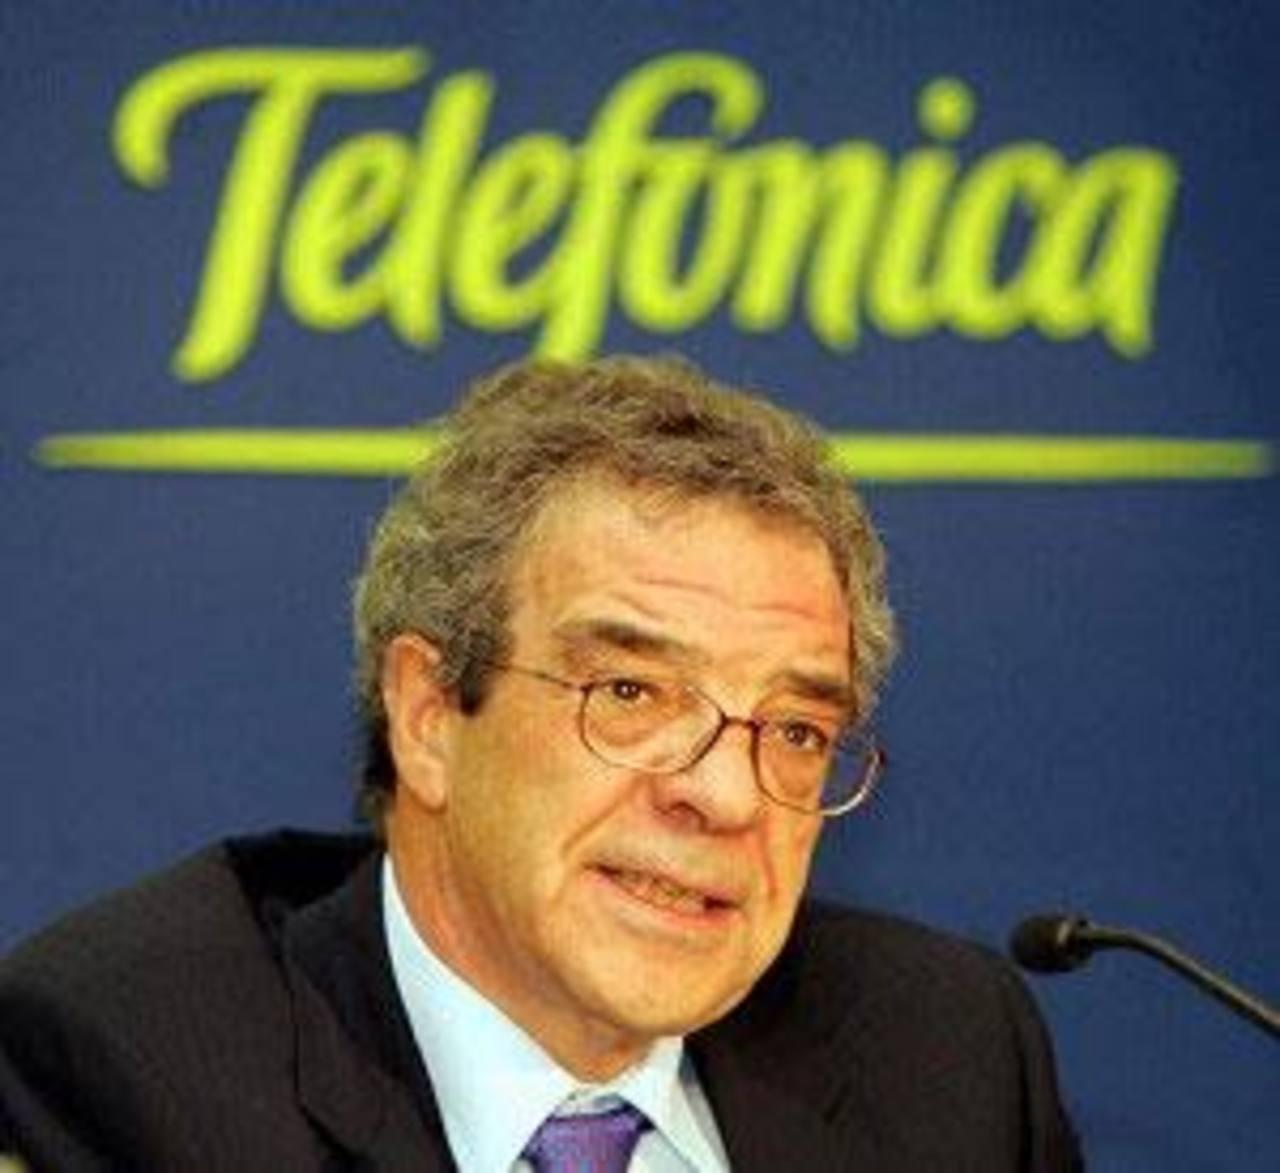 En la imagen, el presidente de la empresa, César Alierta, durante una rueda de prensa en la sede de Telefónica en Madrid el 27 de febrero de 2014. Telefónica inició el año con fuertes descenso en sus ingresos y resultados, afectados por la debilidad